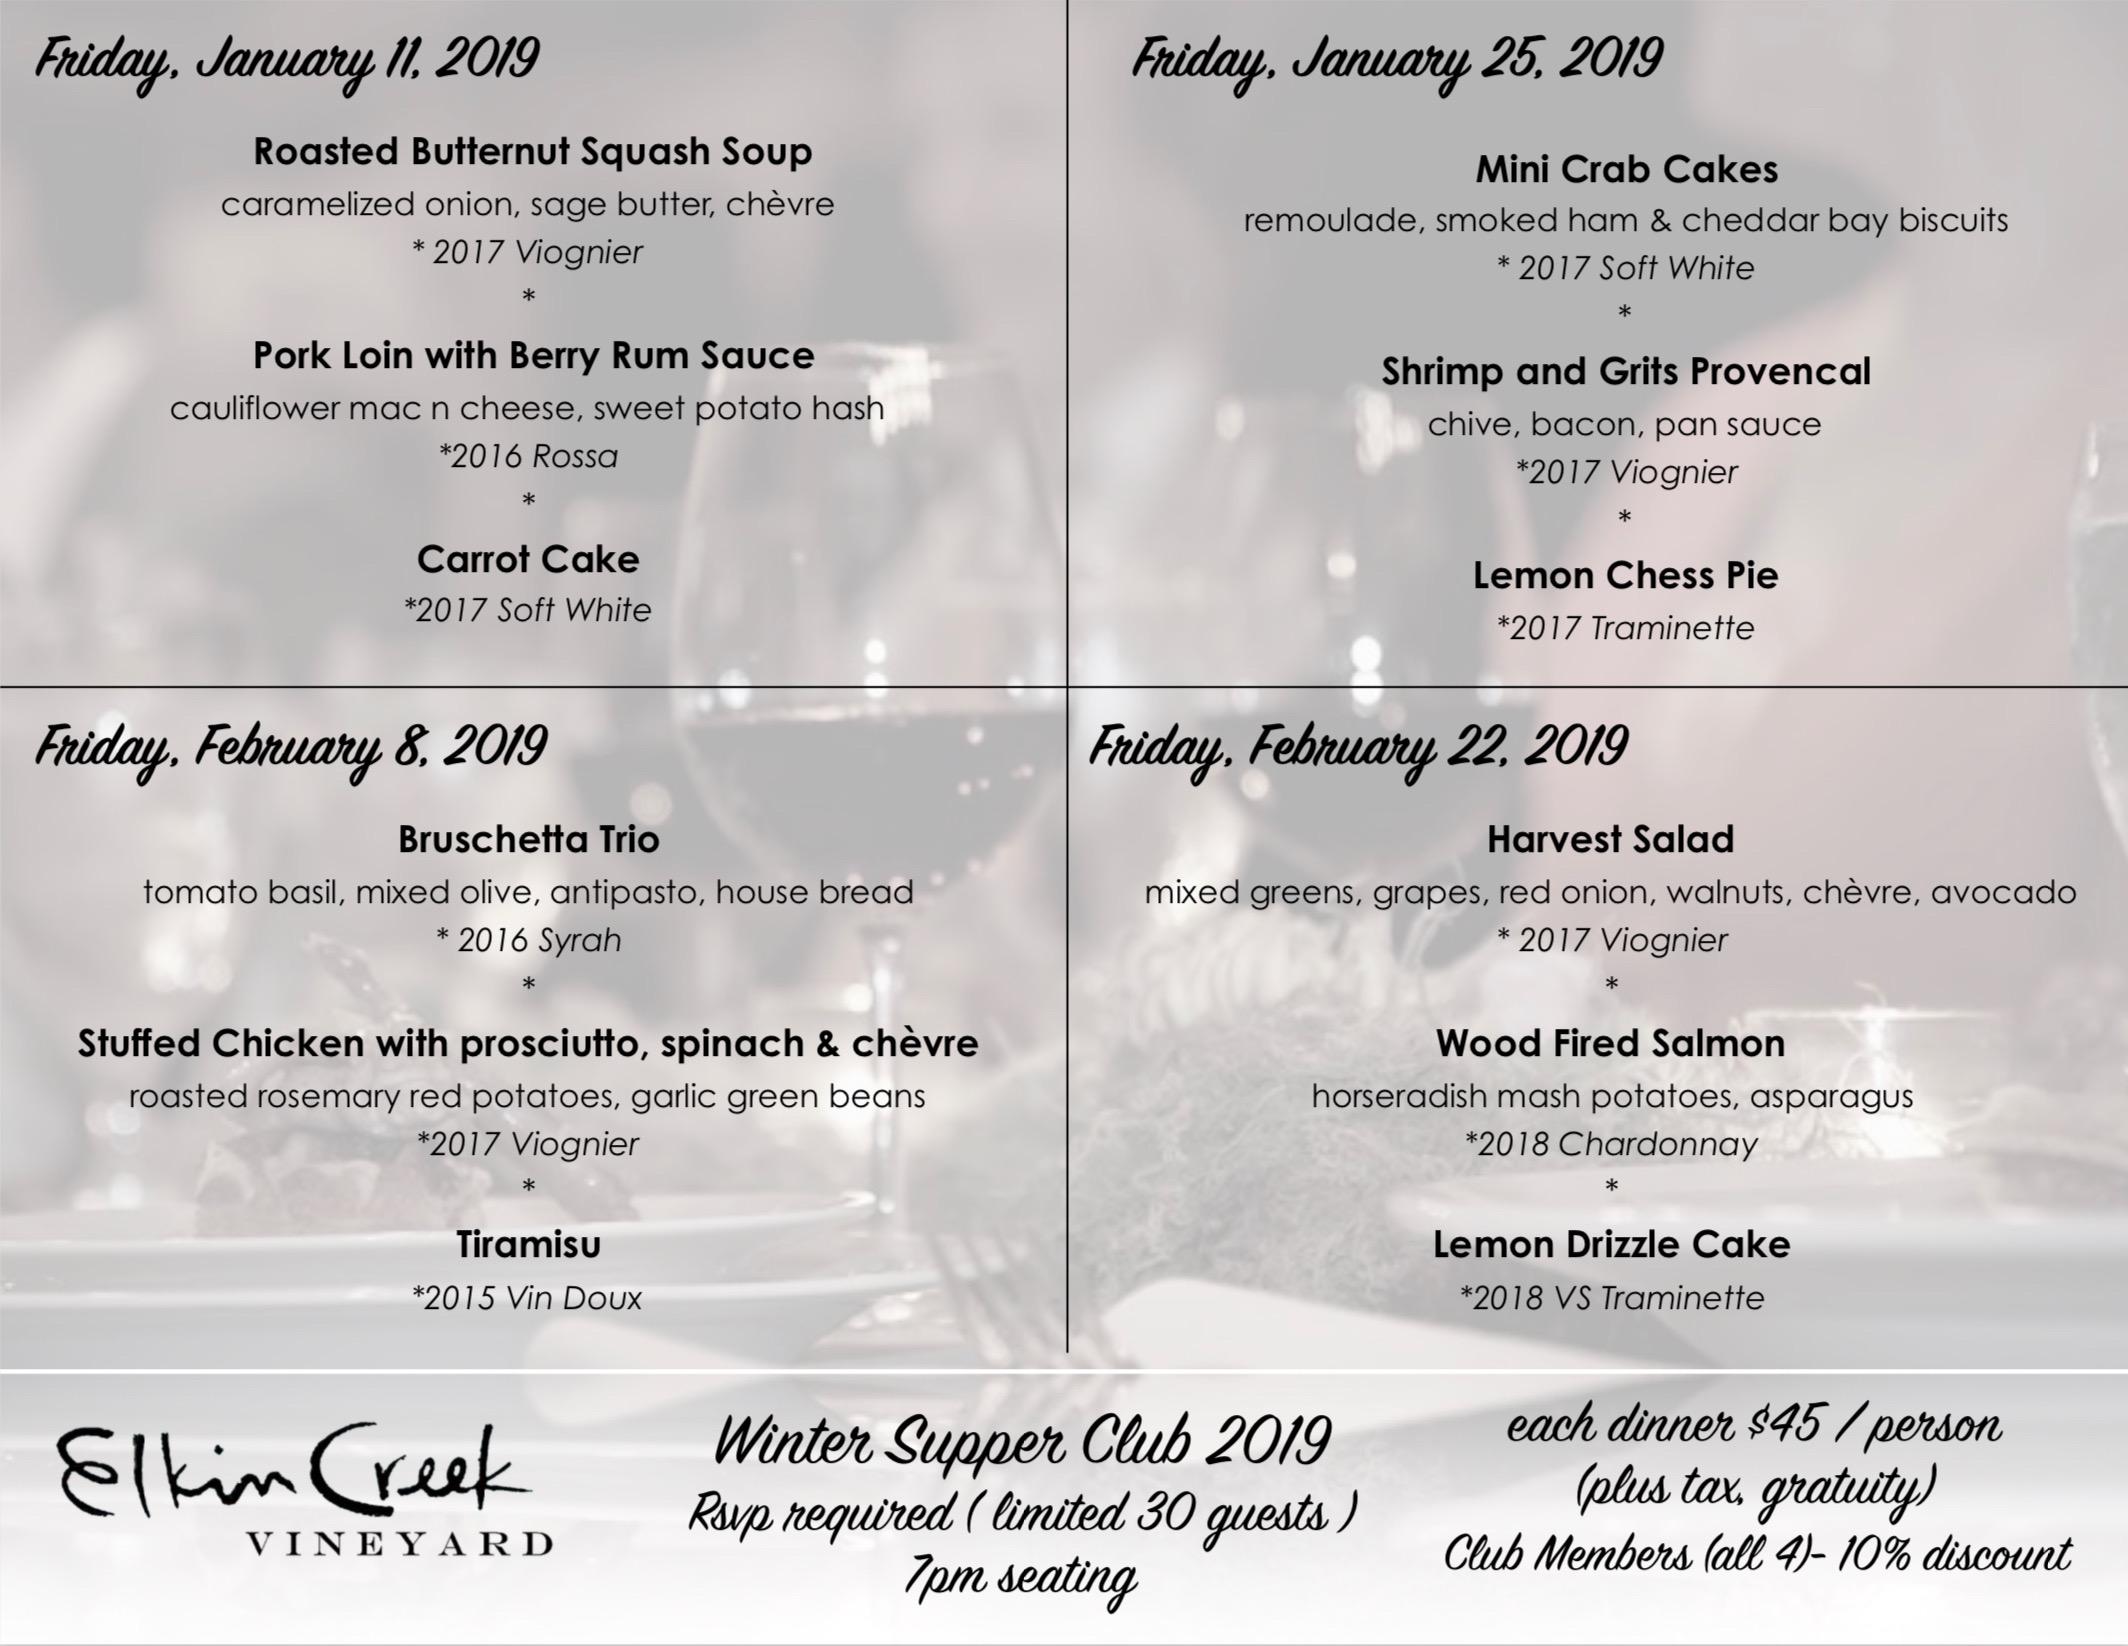 Winter Supper Club 2019 menus.jpeg